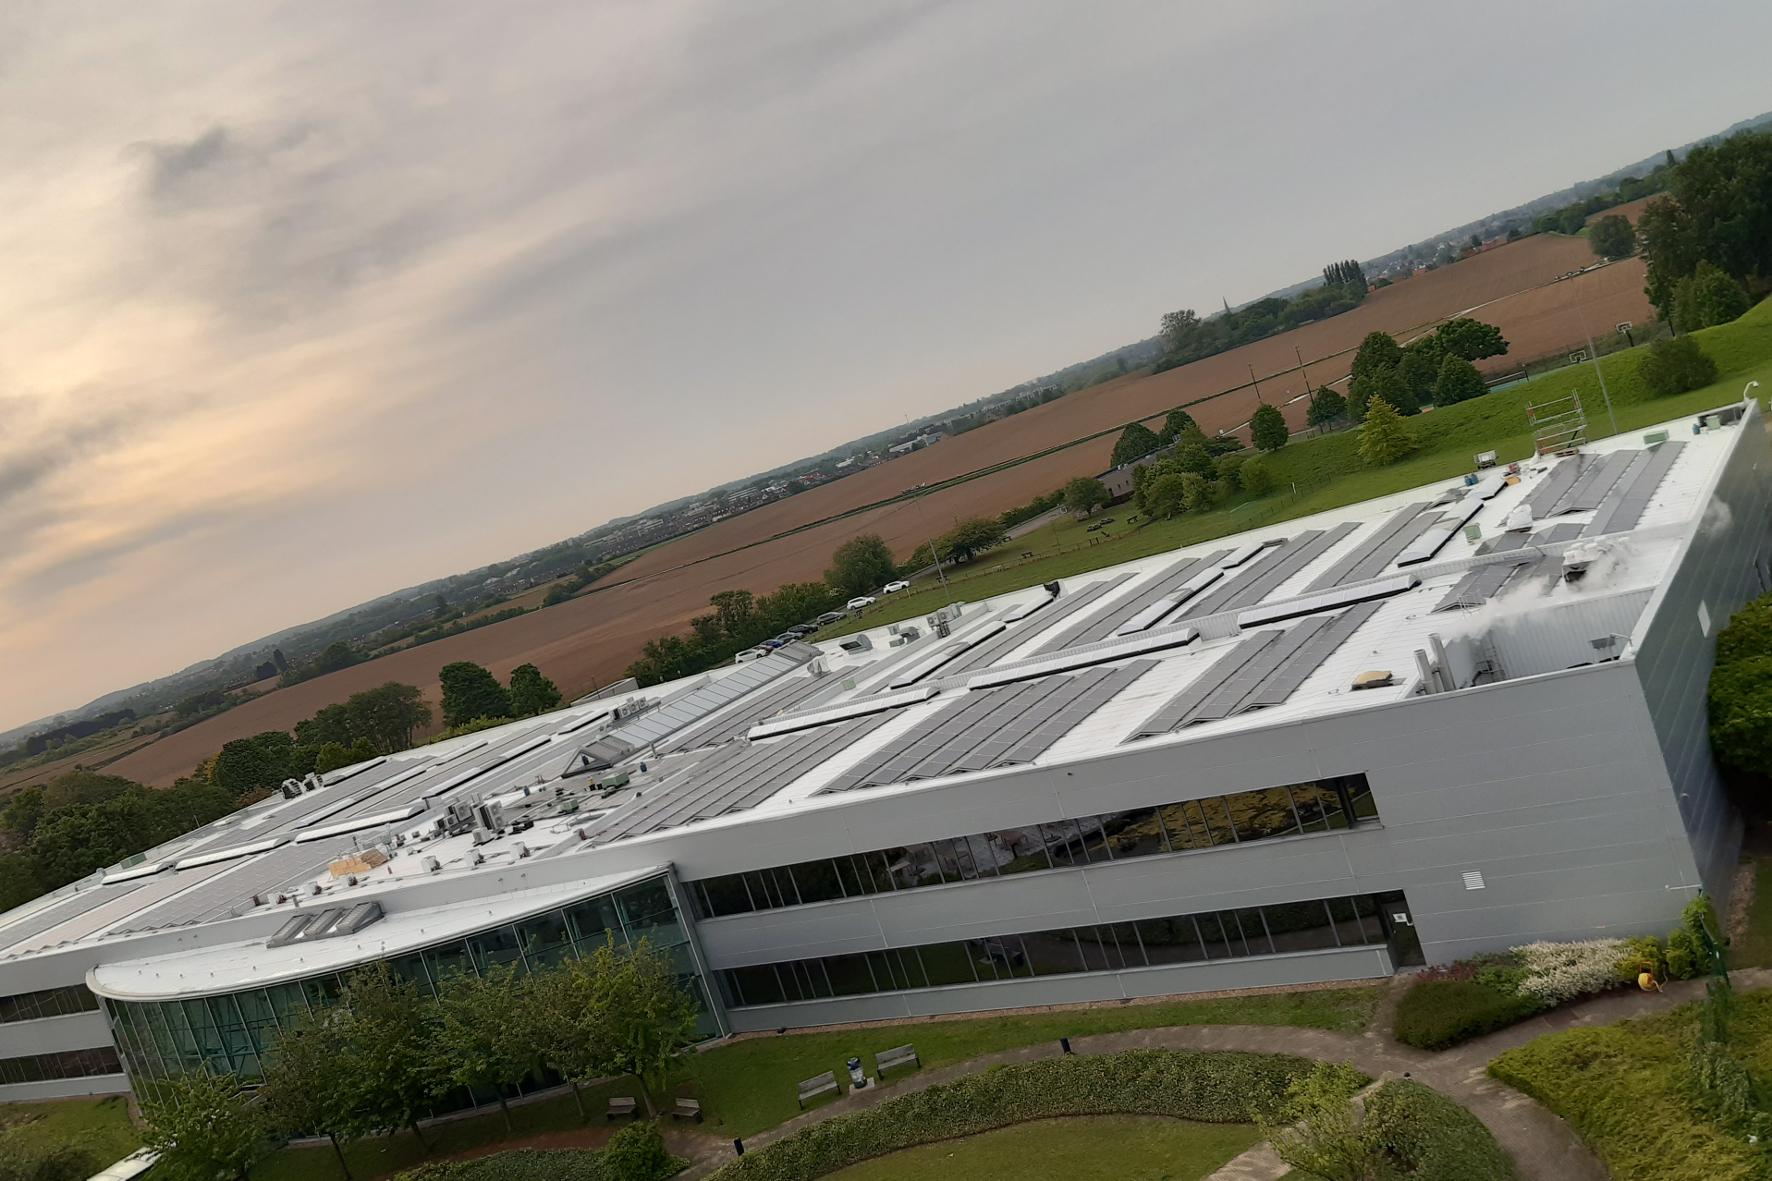 mid Groß-Gerau - Am Standort in Brüssel hat Toyota jetzt ein neues Windrad sowie eine Solaranlage mit 1.400 Modulen in Betrieb genommen. Toyota